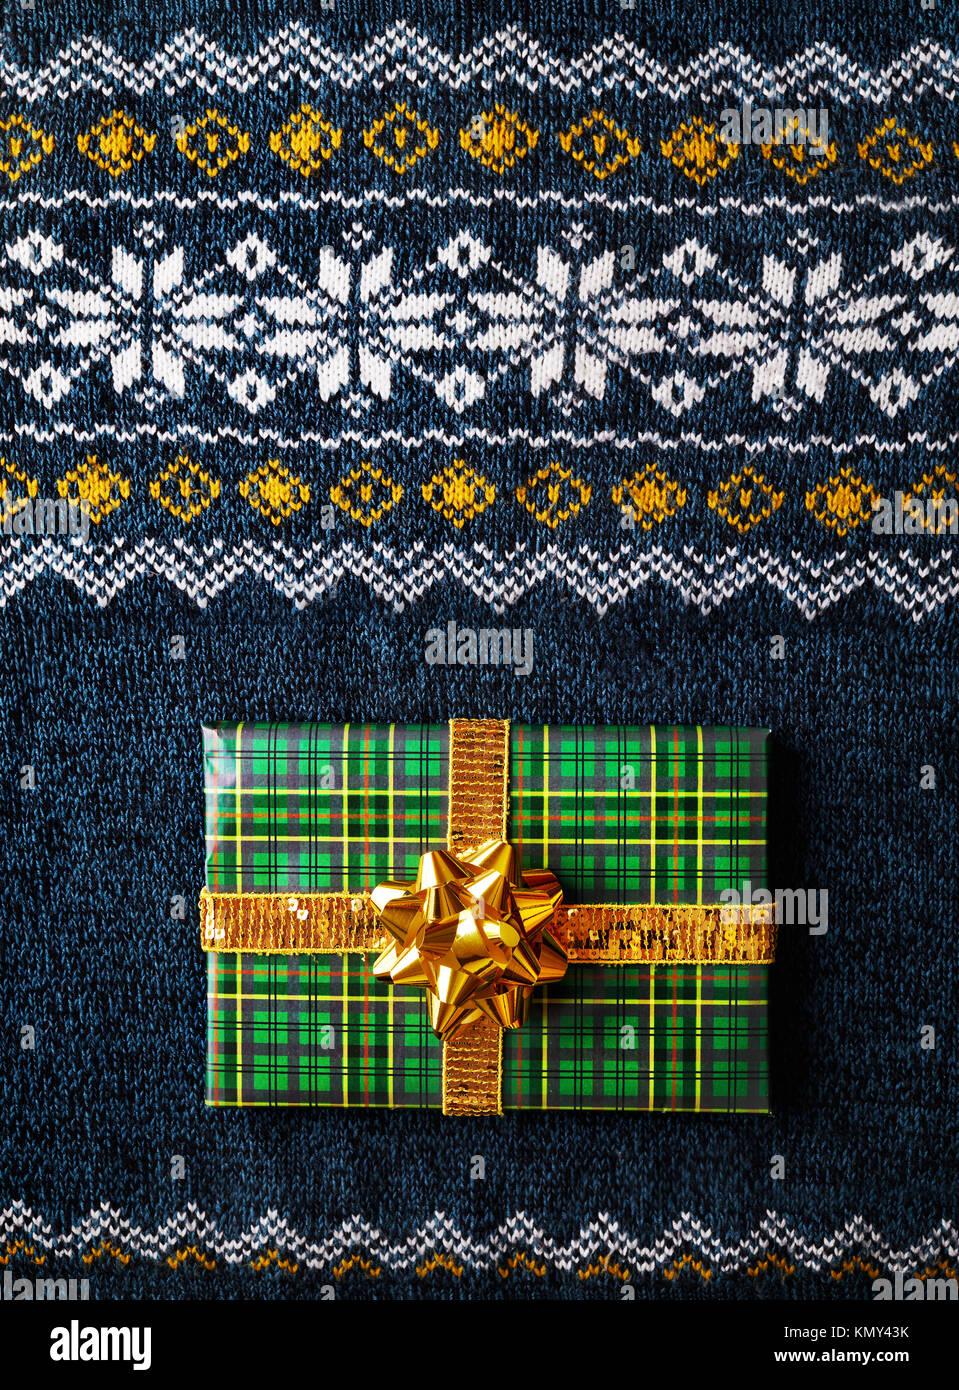 Green wrapped present avec archet d'or sur l'homme pour homme à l'époque de Noël Photo Stock